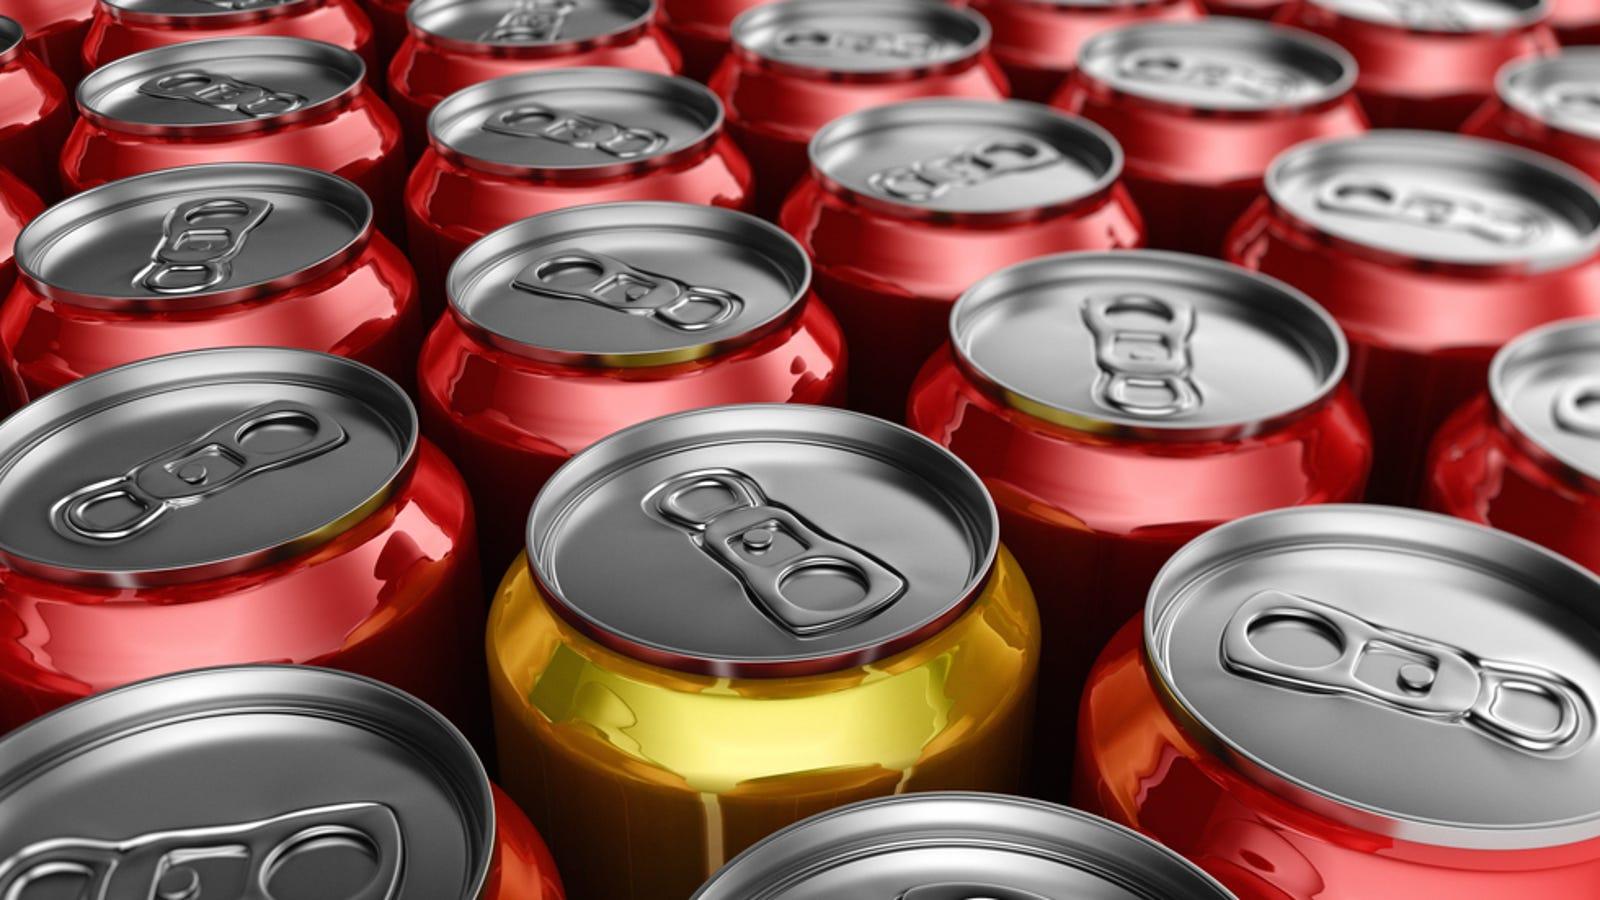 Por qué cada lata de refresco es una cuidada obra maestra de ingeniería